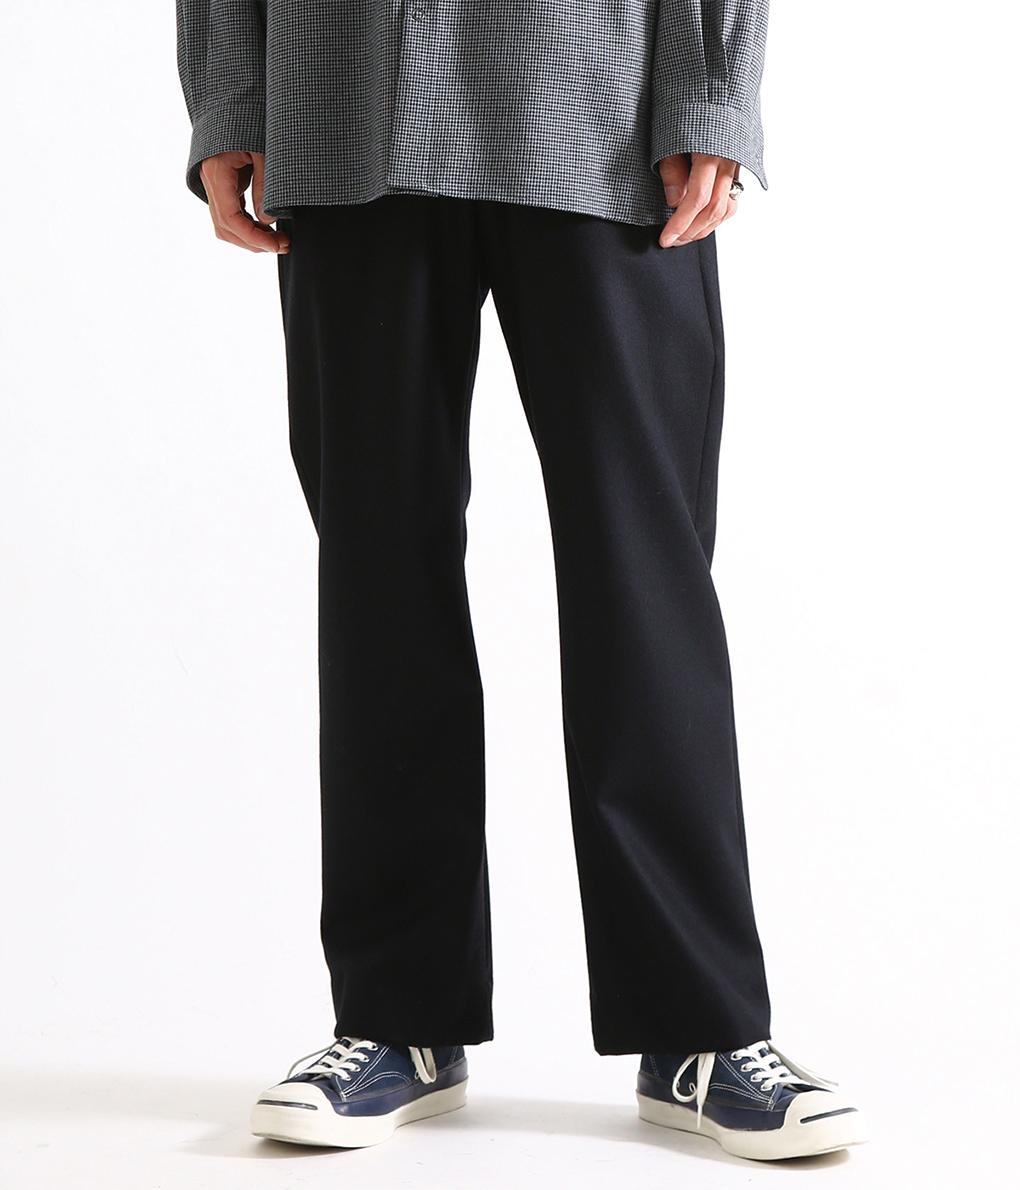 ■【予約商品 2019年9月~10月入荷予定】marka / マーカ : STRAIGHT FIT EASY - wool flannel - : ストレートフィットイージー イージーパンツ ウールパンツ : M19C-03PT03C【COR】【WIS】